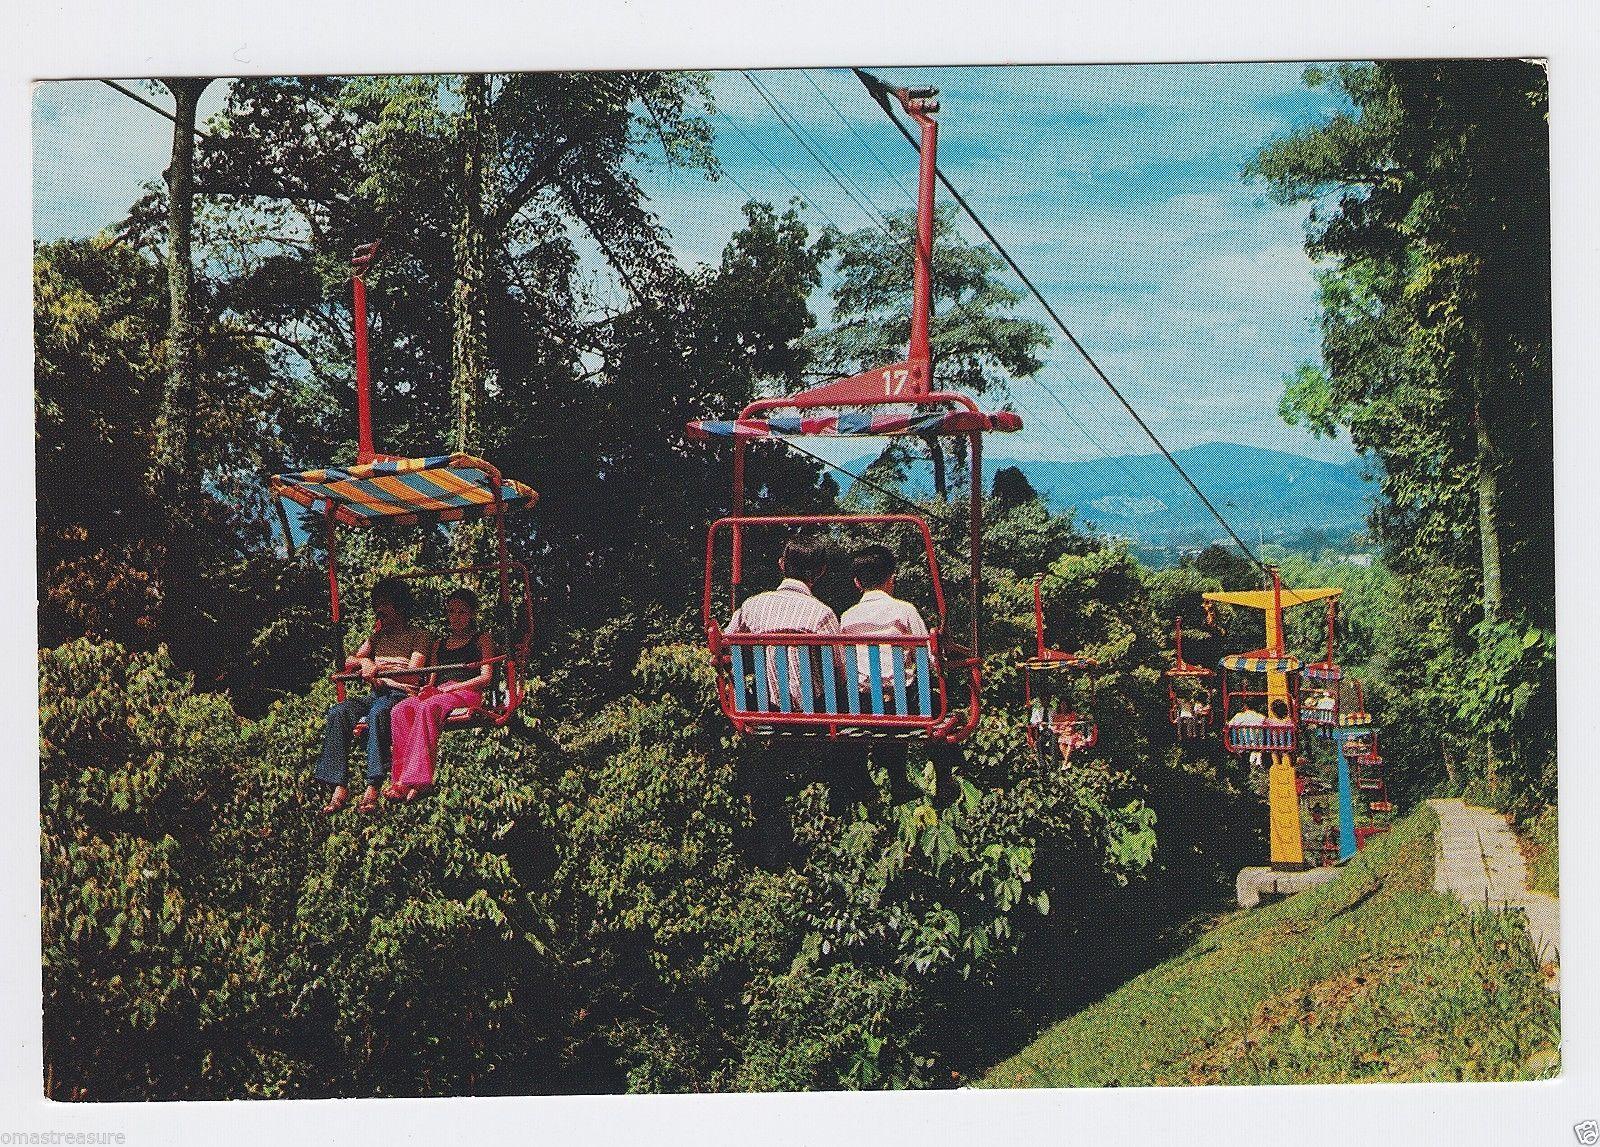 Bukit nanas kuala lumpur bubble cars cable chairs malaysia